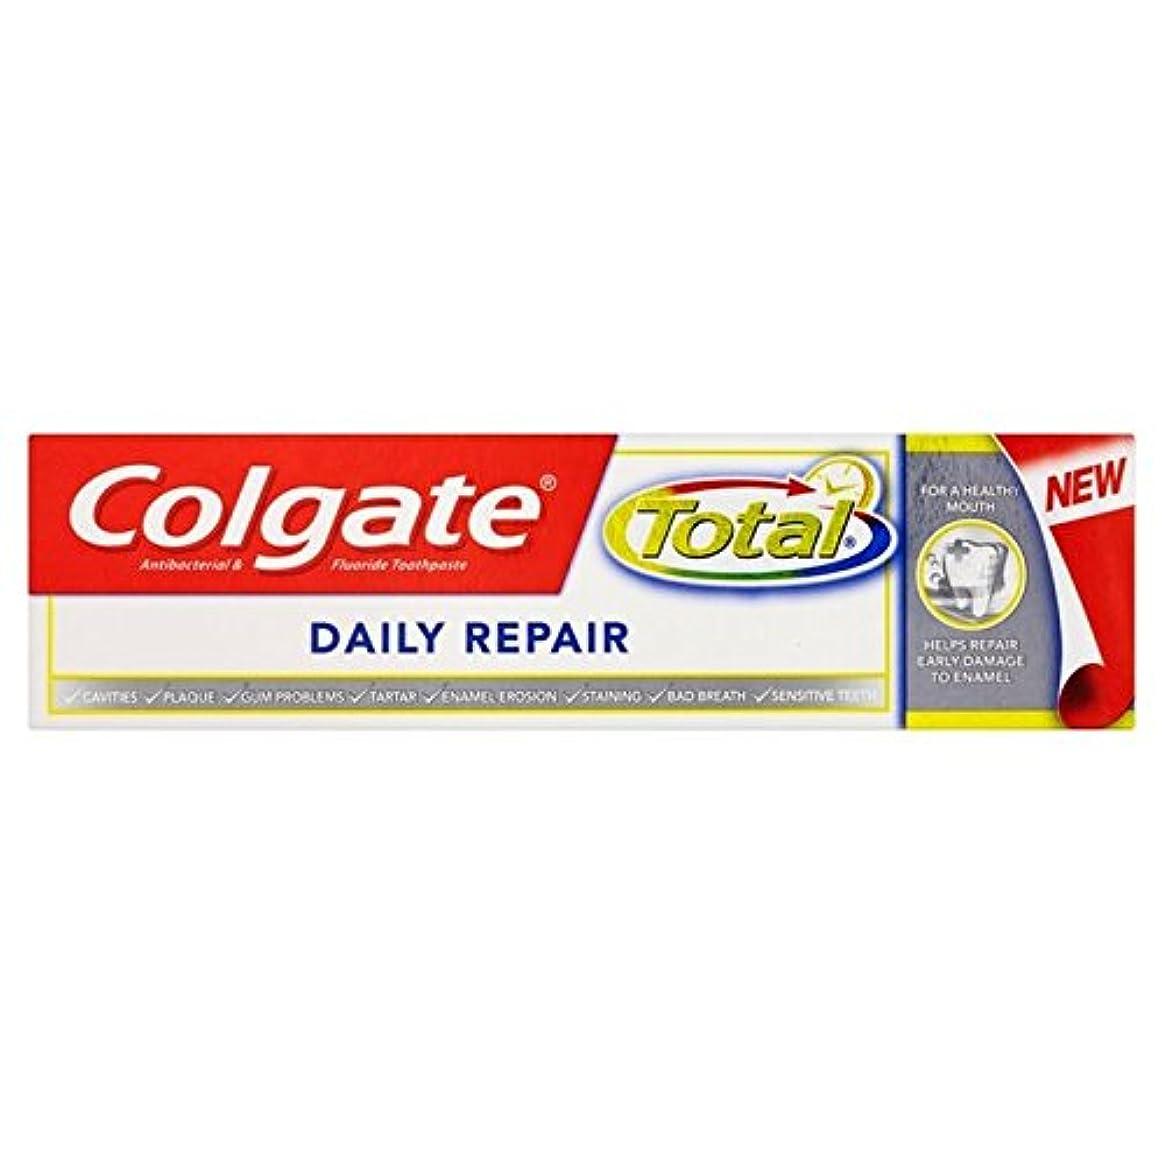 仲良し不規則な内部コルゲートトータル毎日修理歯磨き粉75ミリリットル x2 - Colgate Total Daily Repair Toothpaste 75ml (Pack of 2) [並行輸入品]